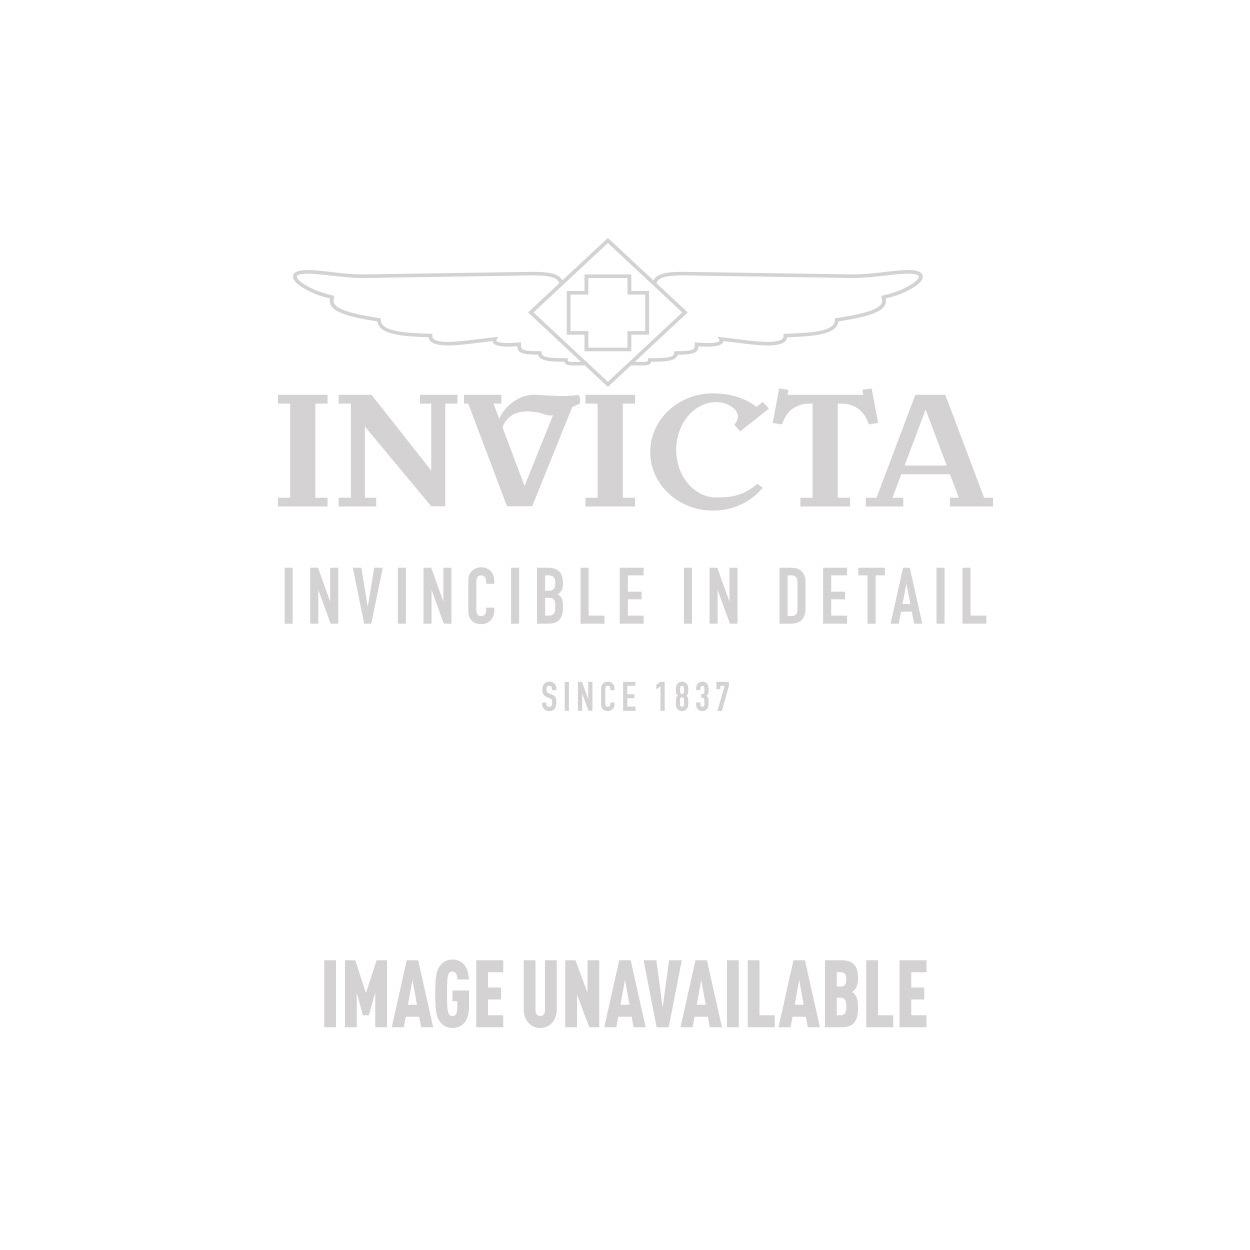 Invicta Model 28560